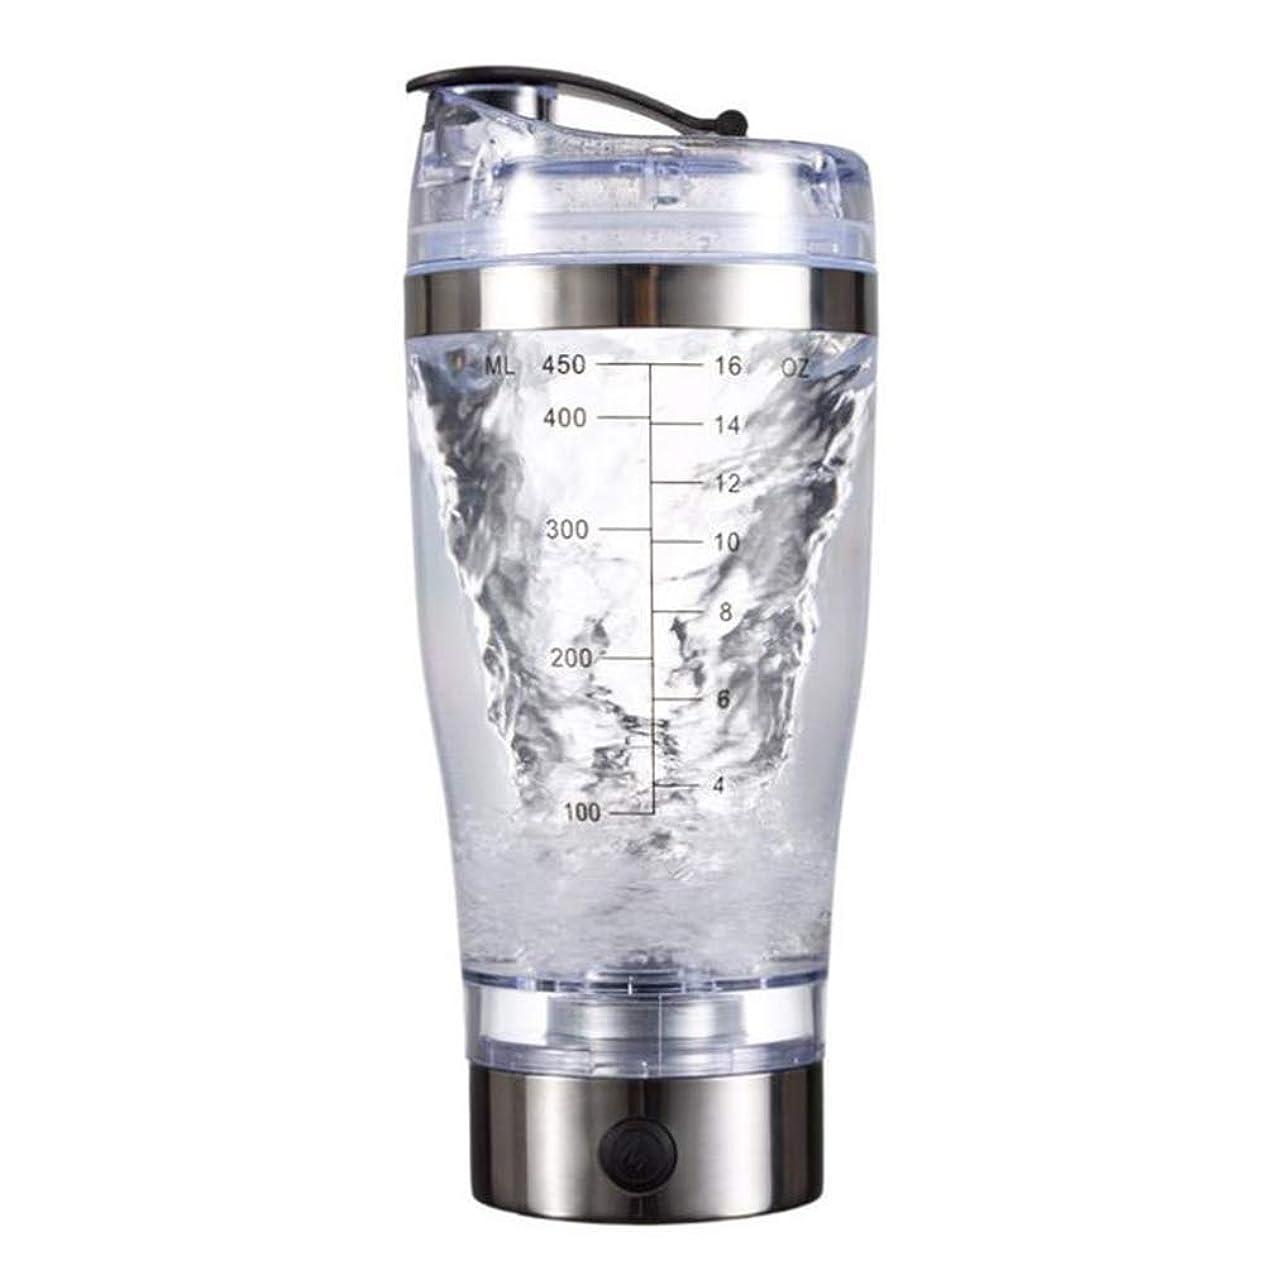 廃止する違反ドアAlioay 電動シェーカー プロテインシェーカー プロテインミキサー シェーカーボトル ミキサー 電池式 450ml 多機能 コーヒーミキサー 自動 電池式 栄養補給 健康素材 漏れ防止